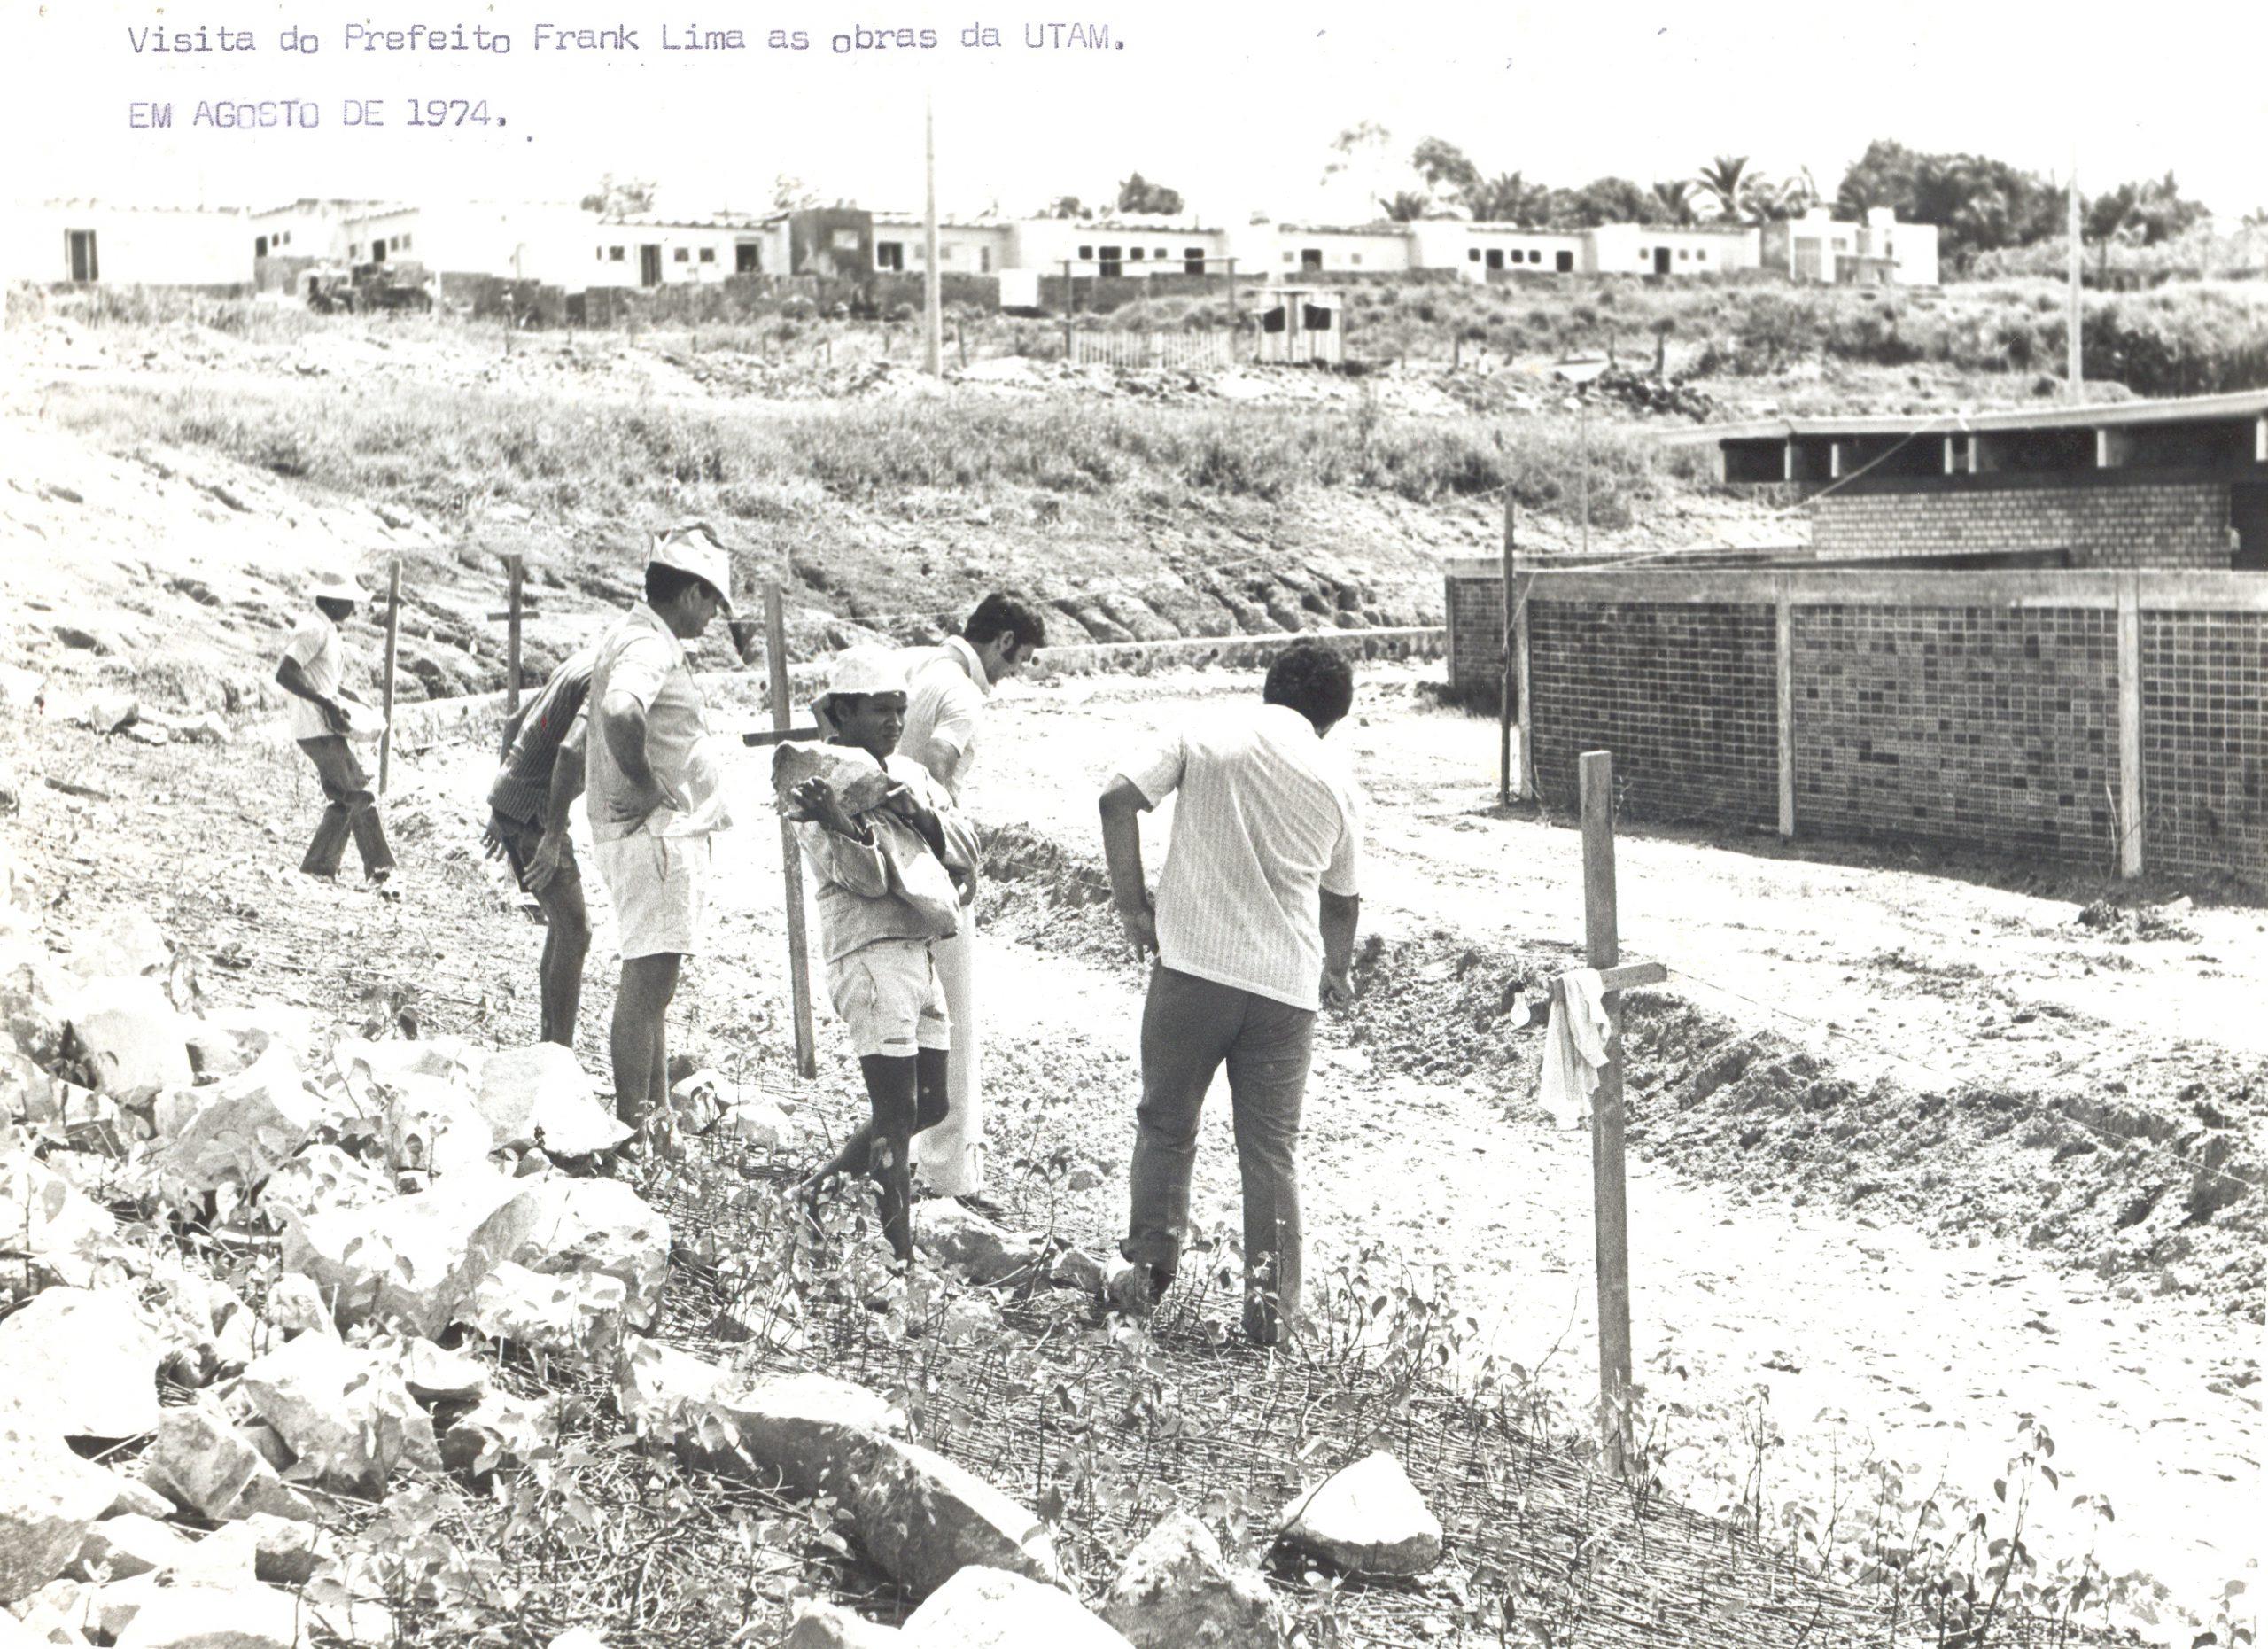 Frank Lima na construção da UTAM - Instituto Durango Duarte